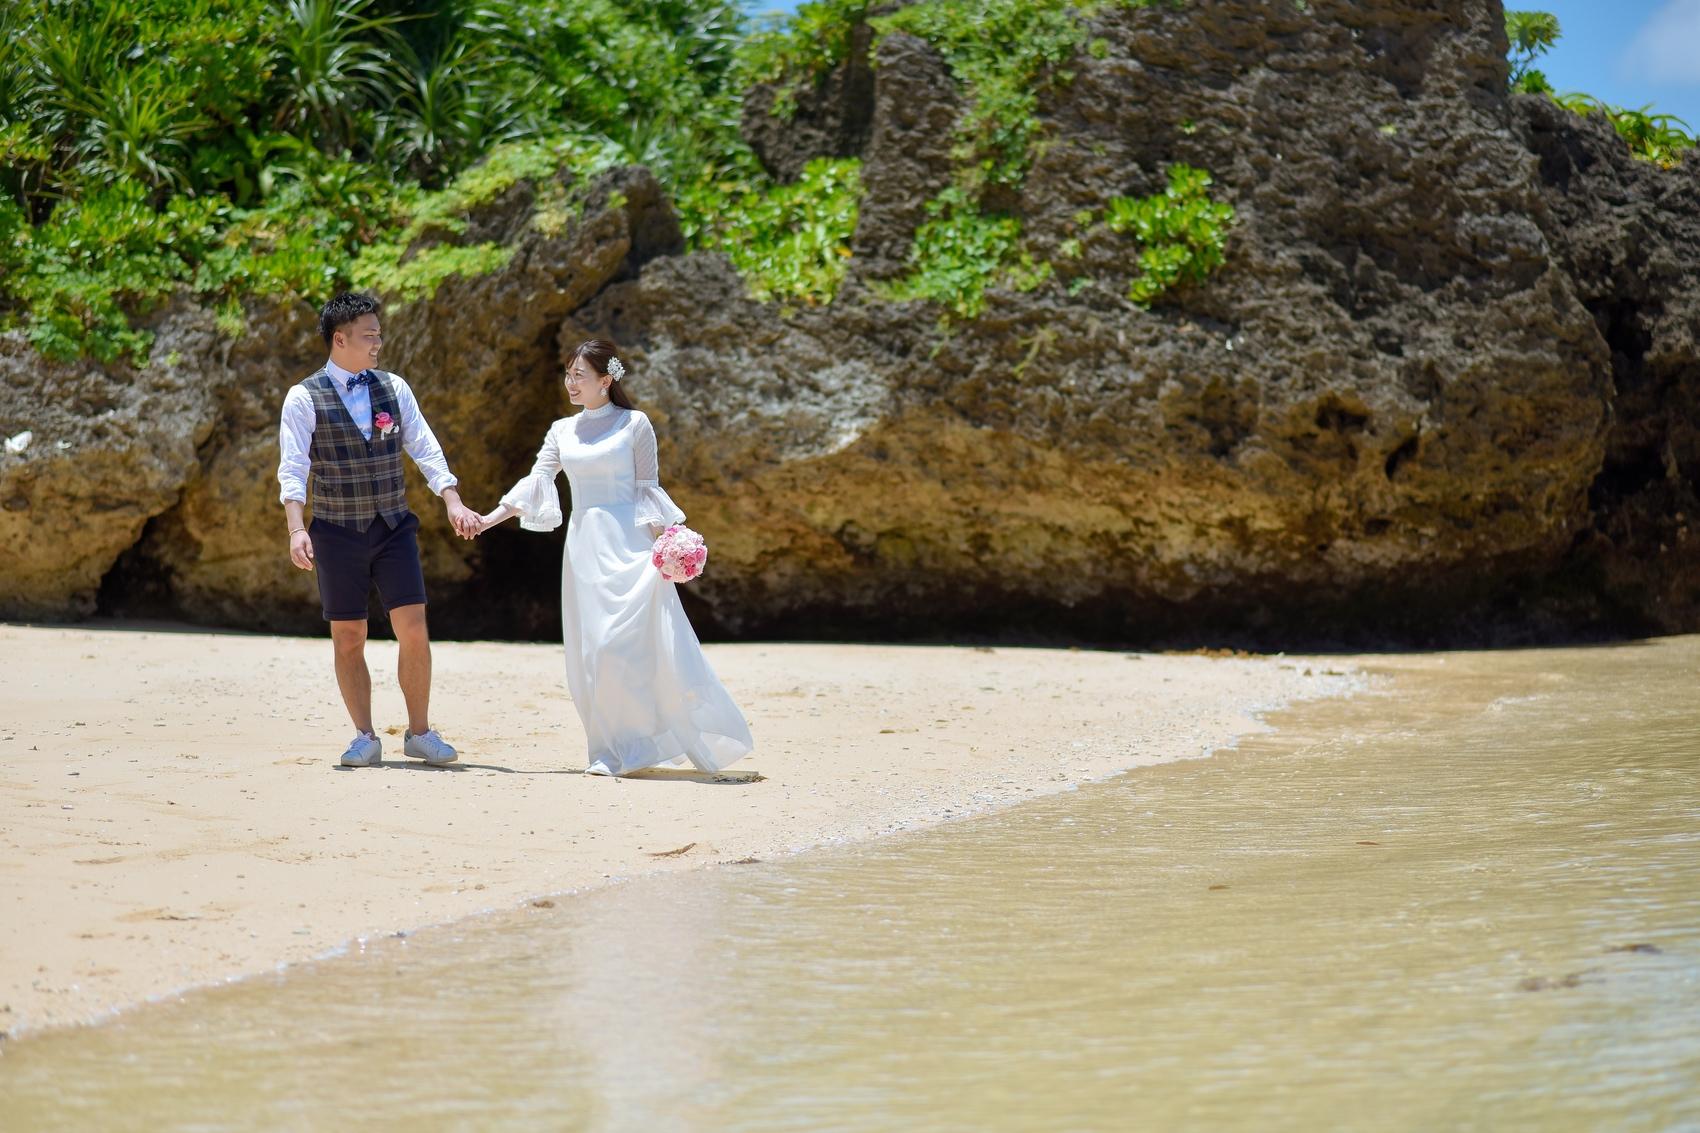 手を繋いで砂浜を歩く新郎新婦